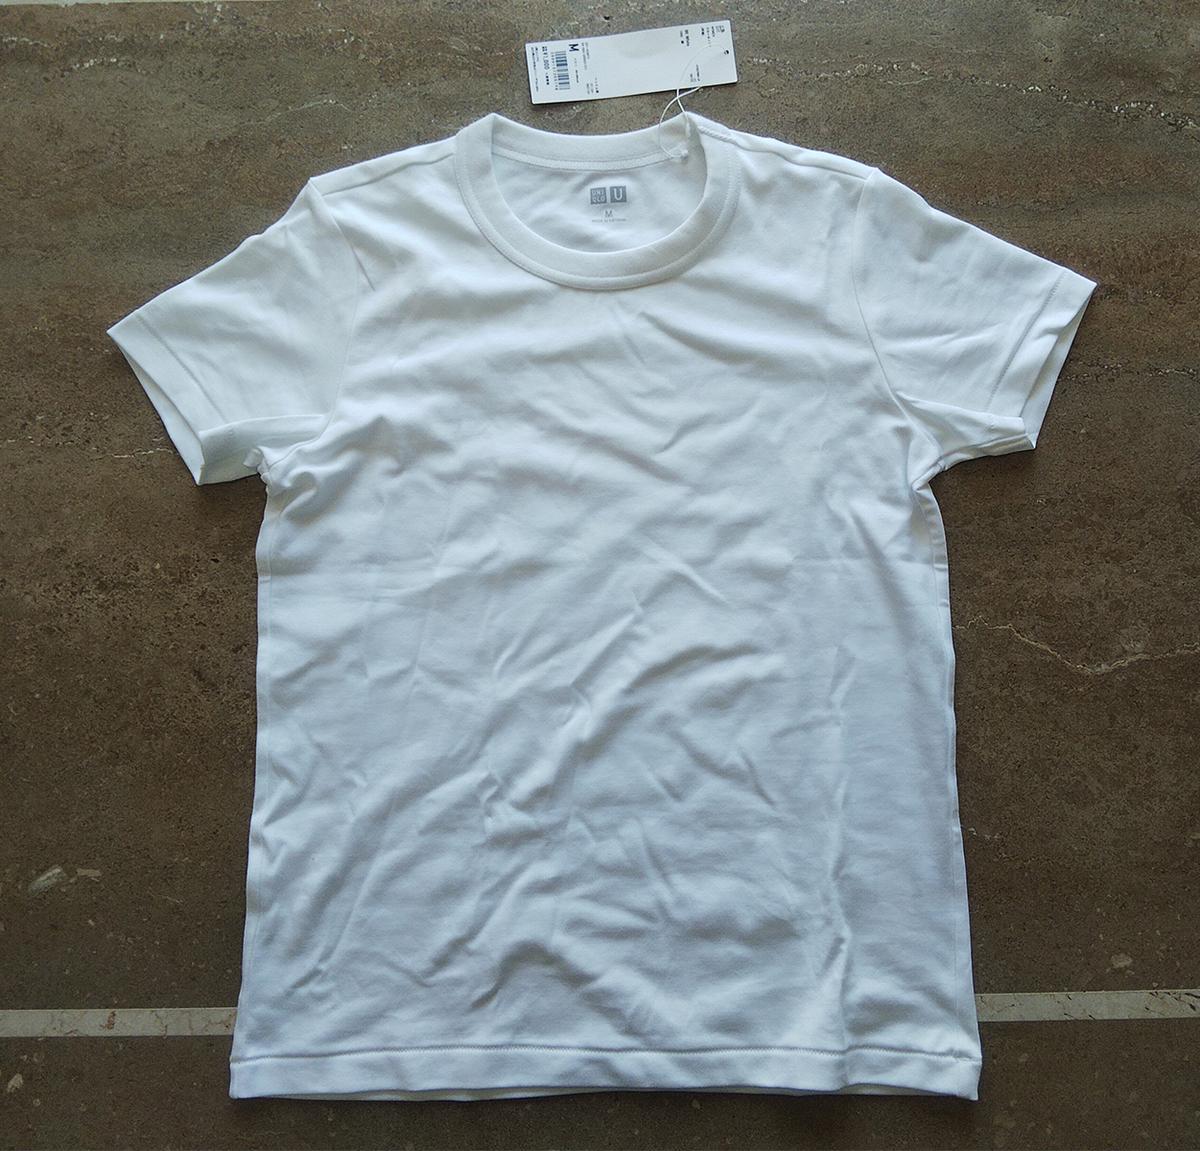 クルーネックT(半袖)のホワイト